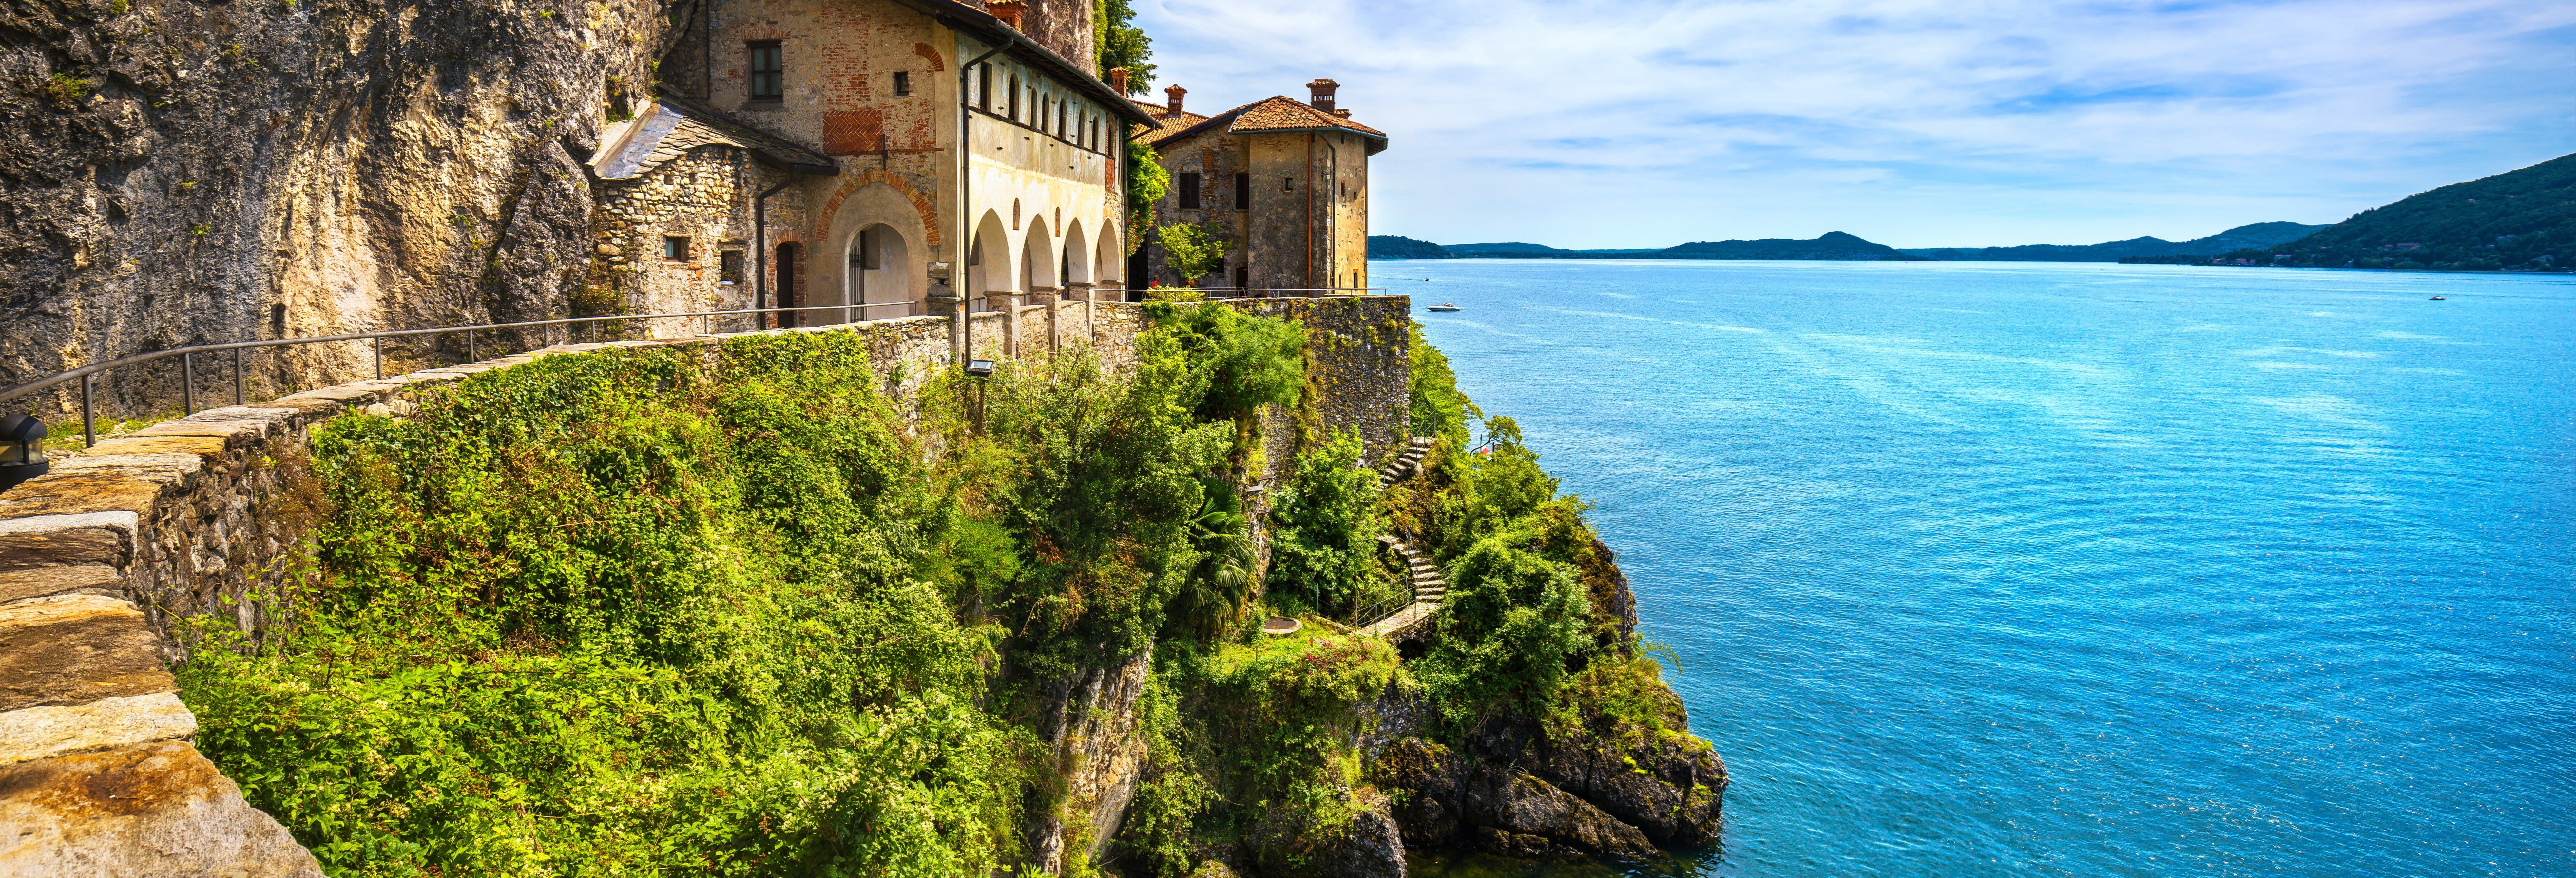 Paseo en barco por las villas del lago Mayor